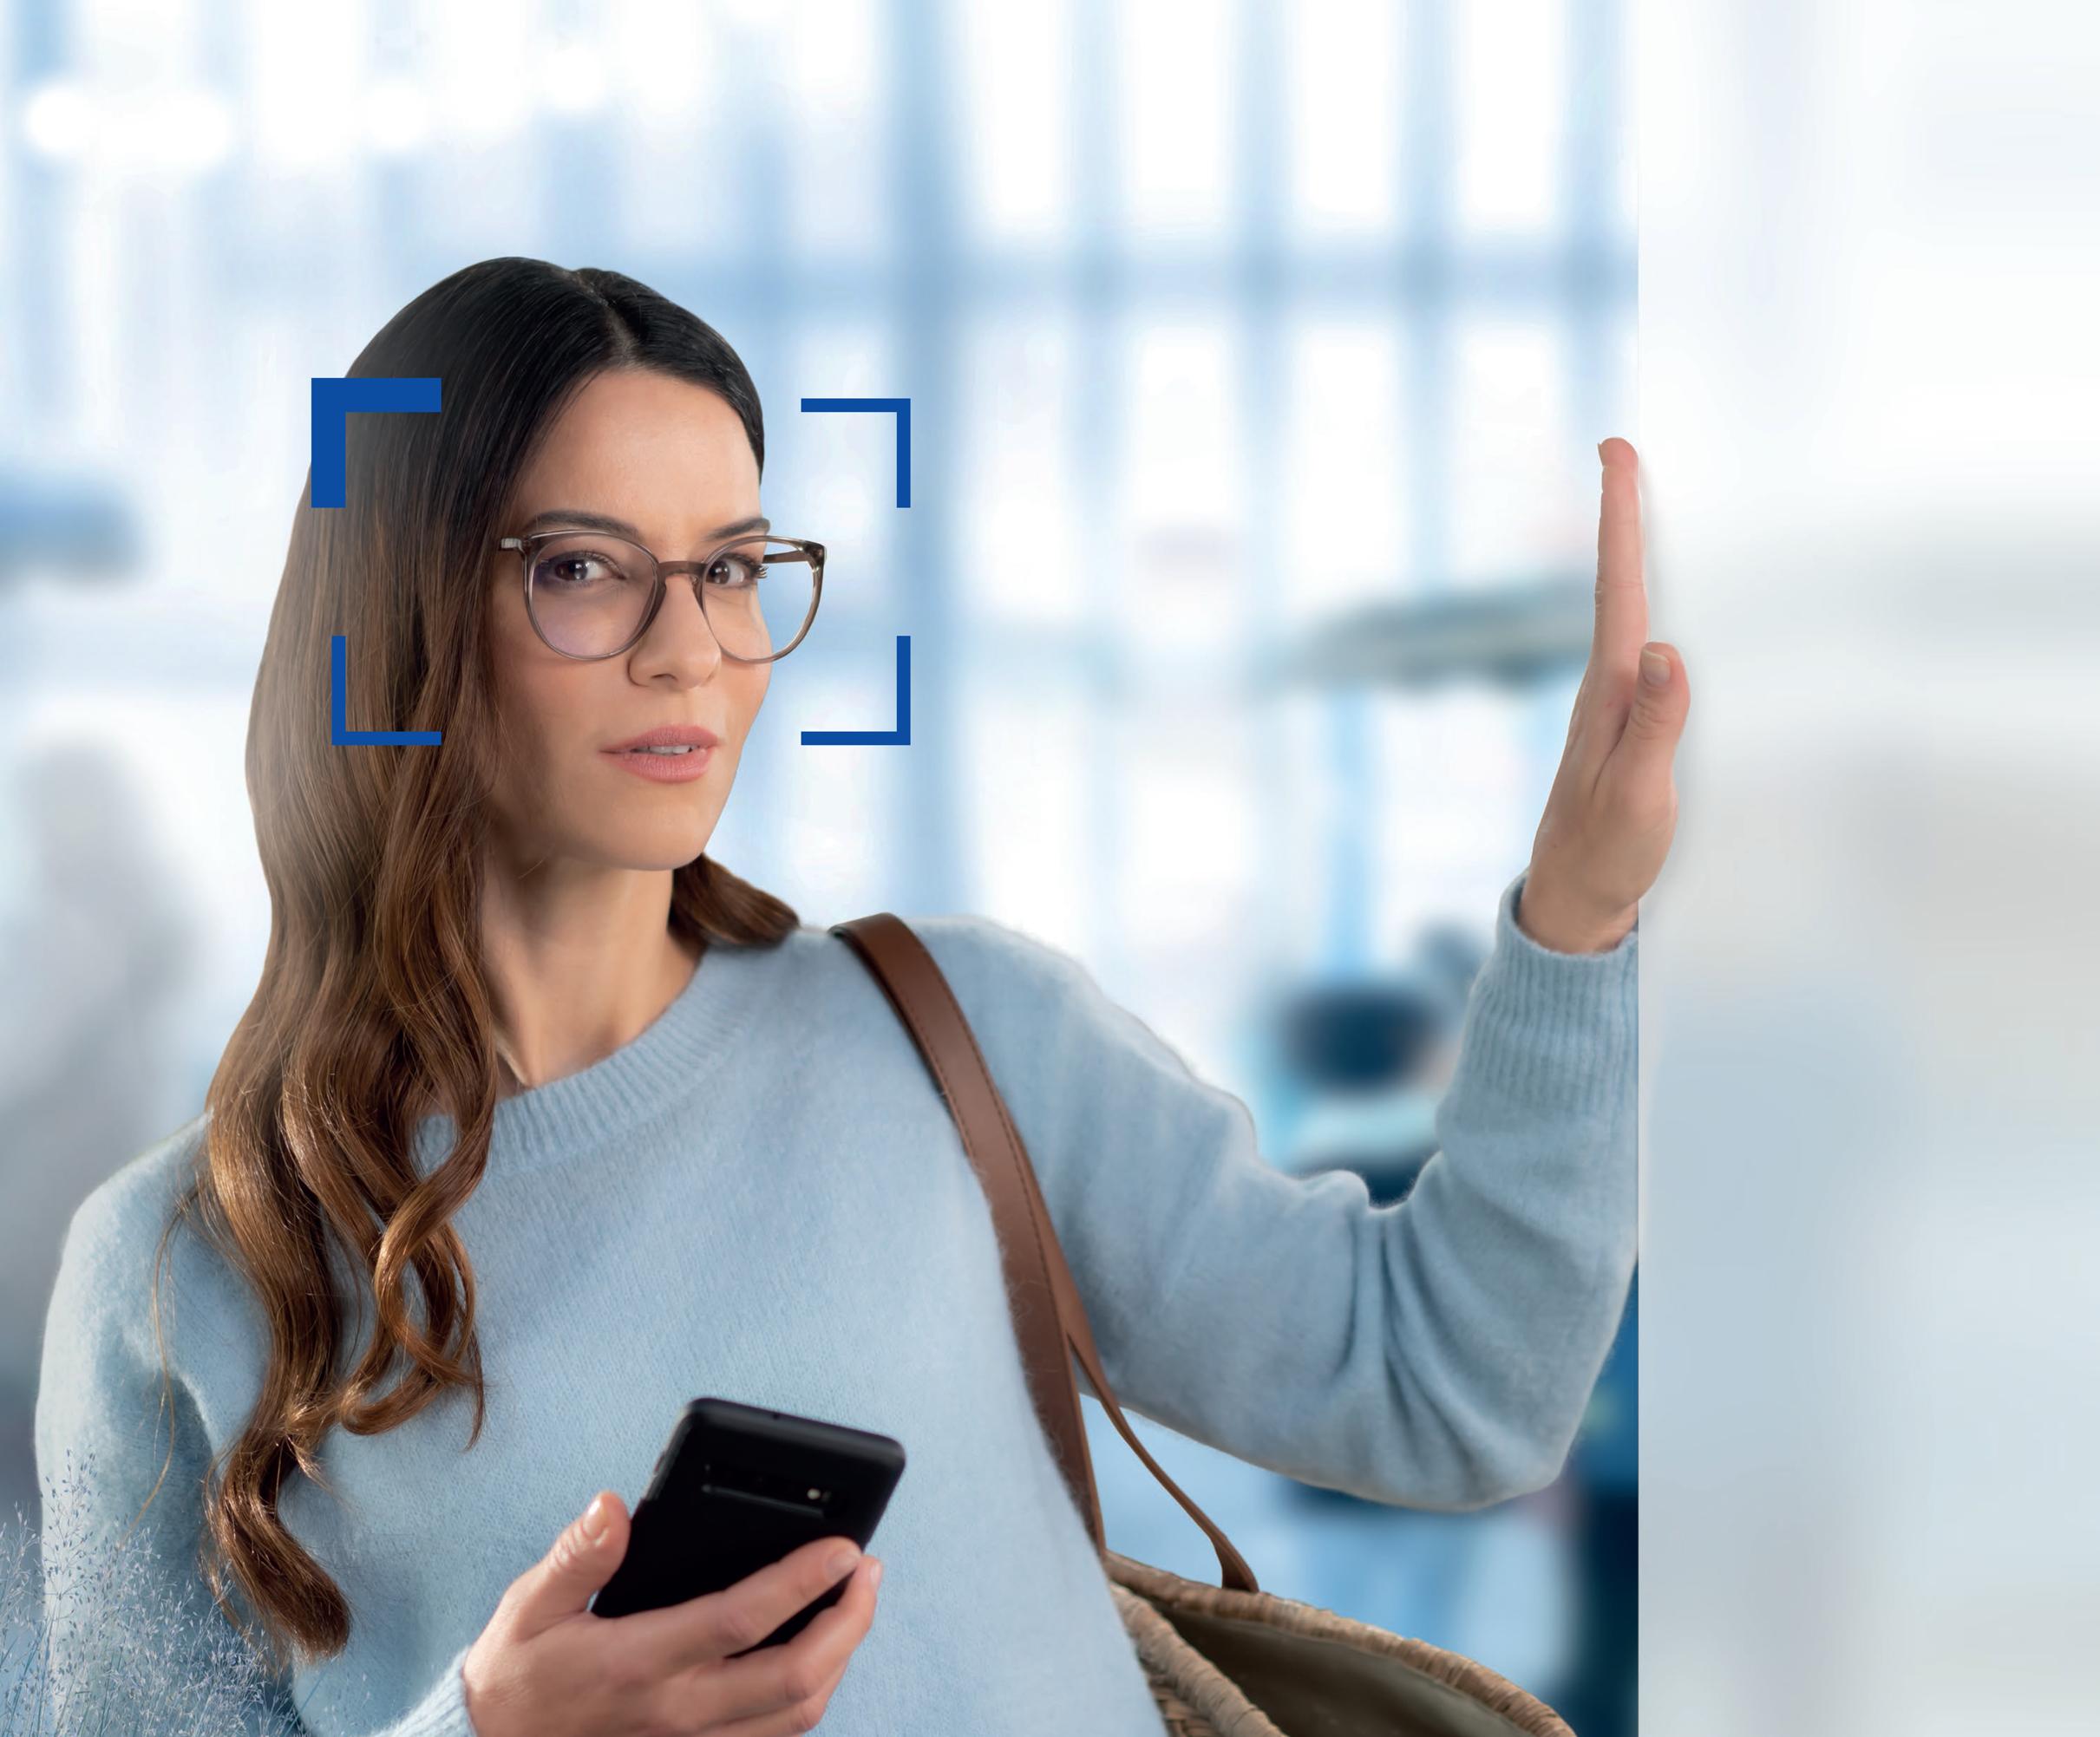 Sprostaj wyzwaniom cyfrowego świata z soczewkami ZEISS SmartLife